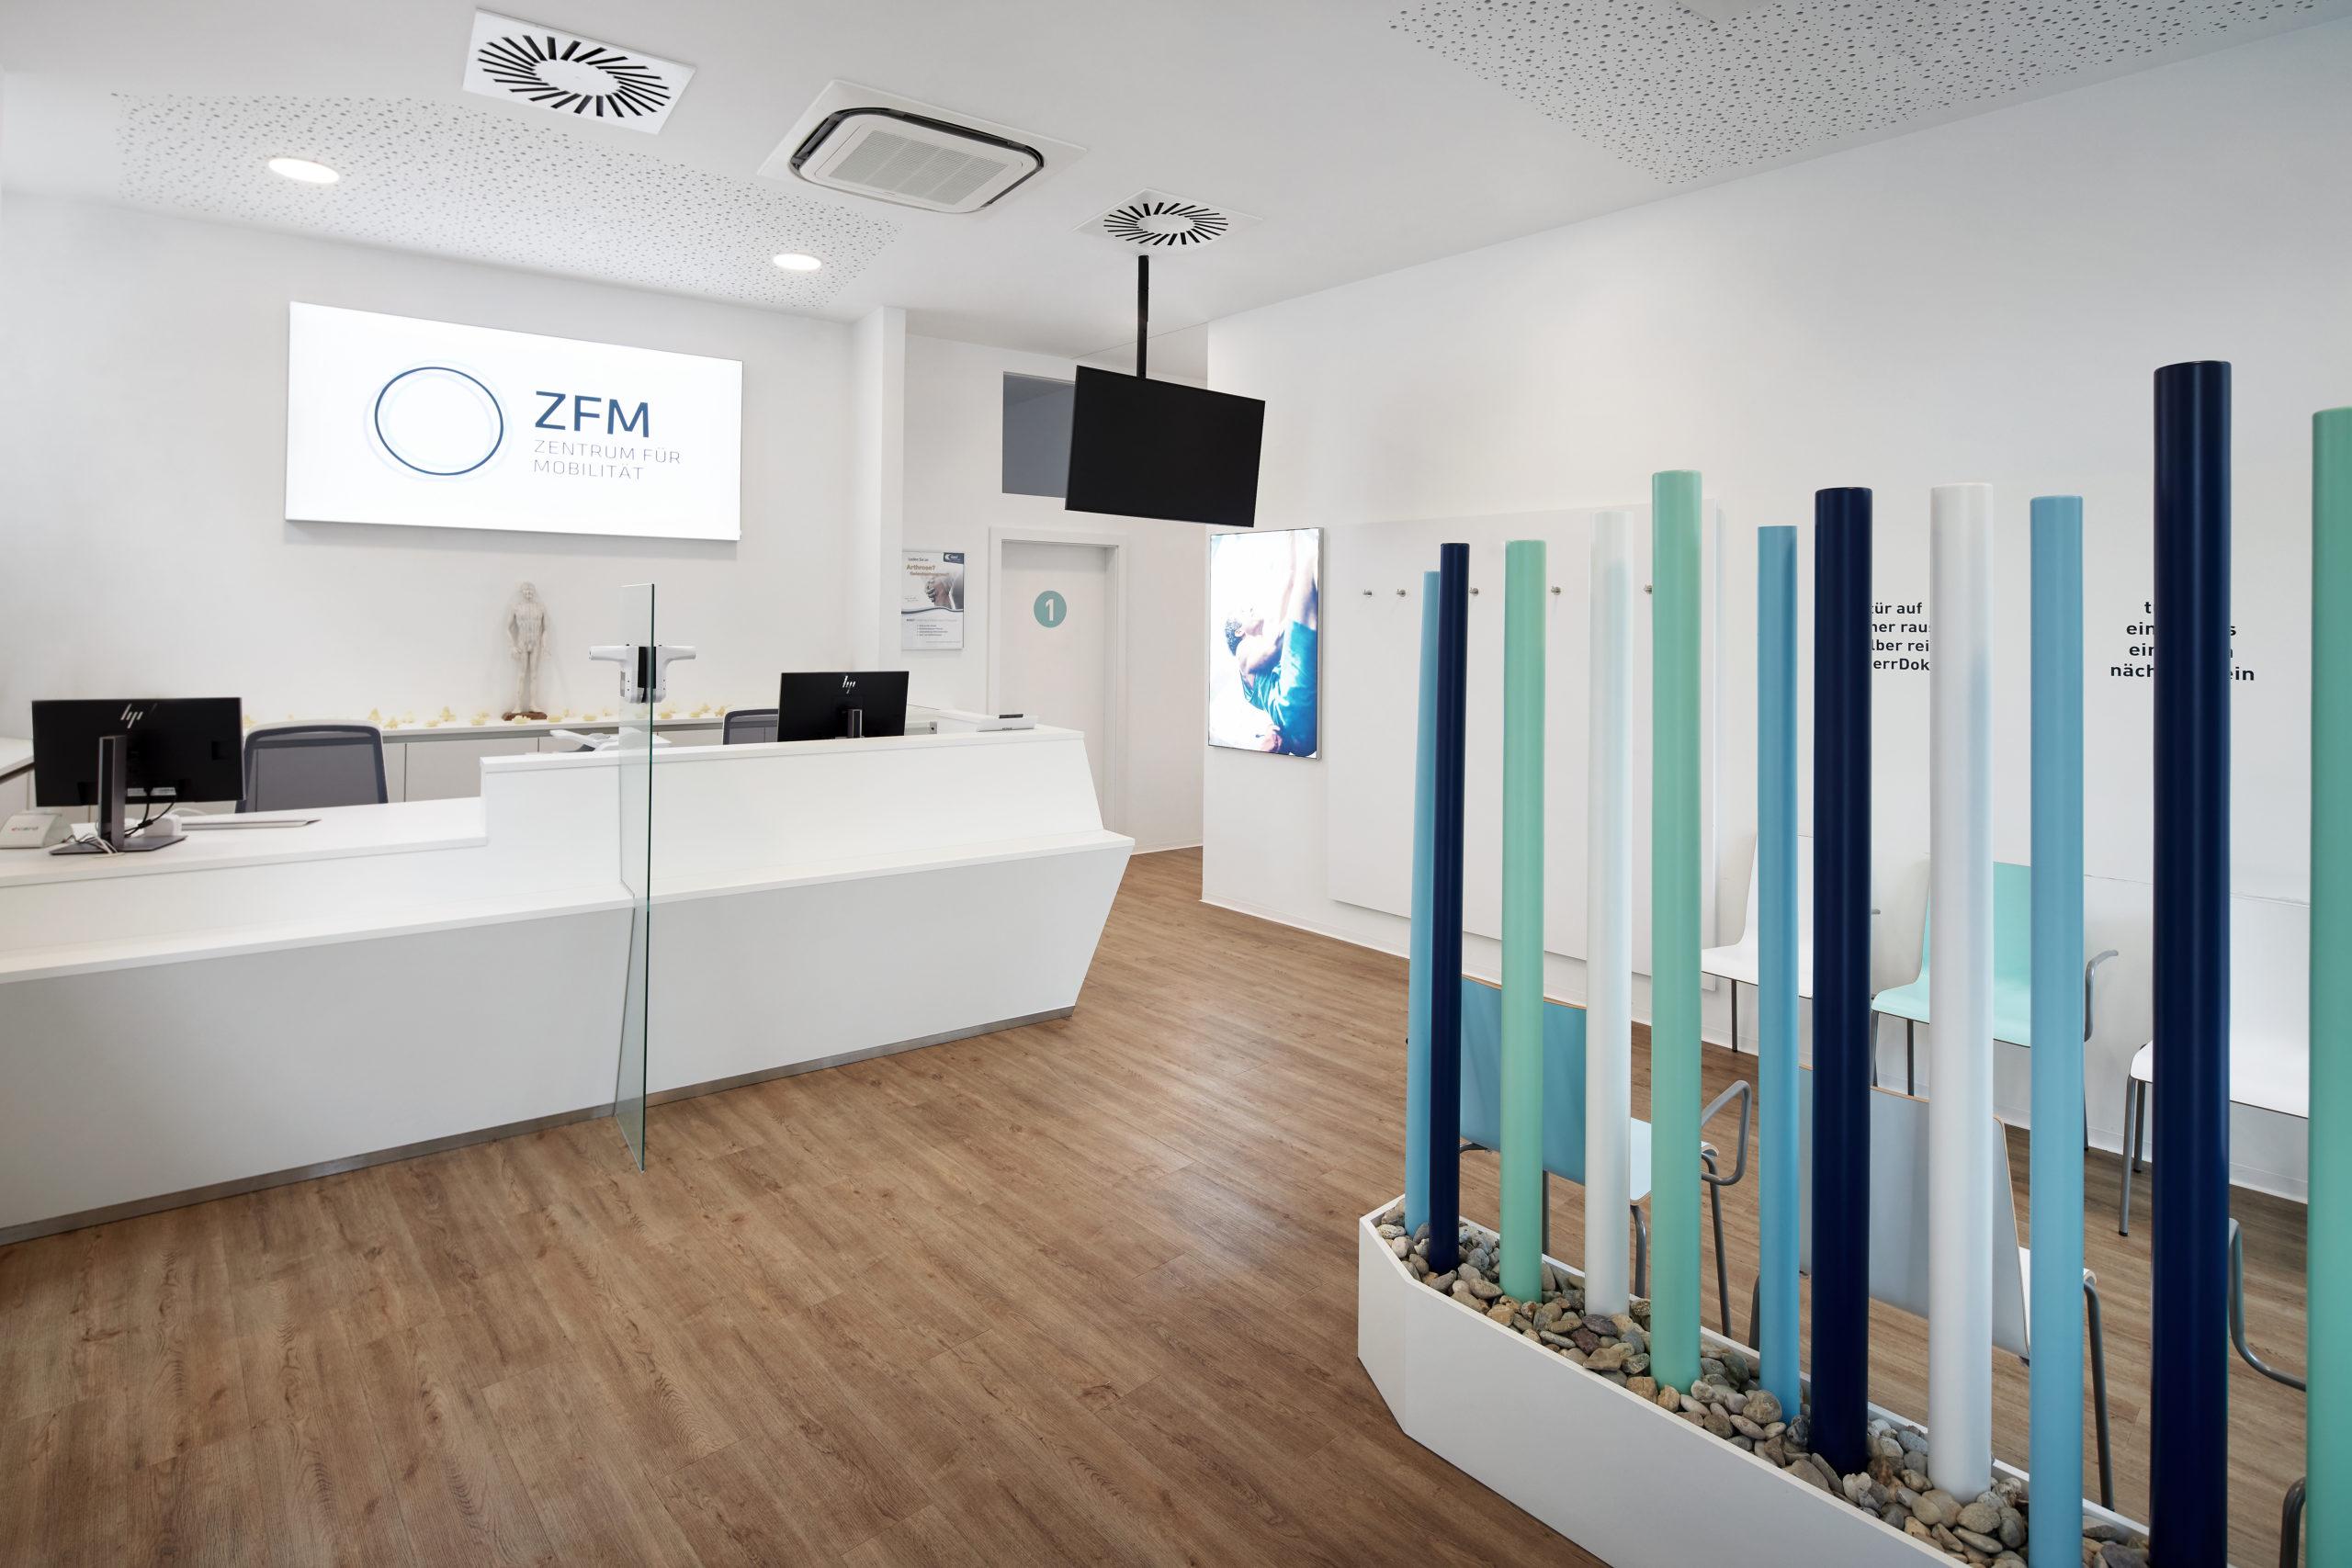 Eingangsbereich des ZFM - Zentrum für Mobilität in Wien mit der Möglichkeit eines Pharmakogenetischen Tests